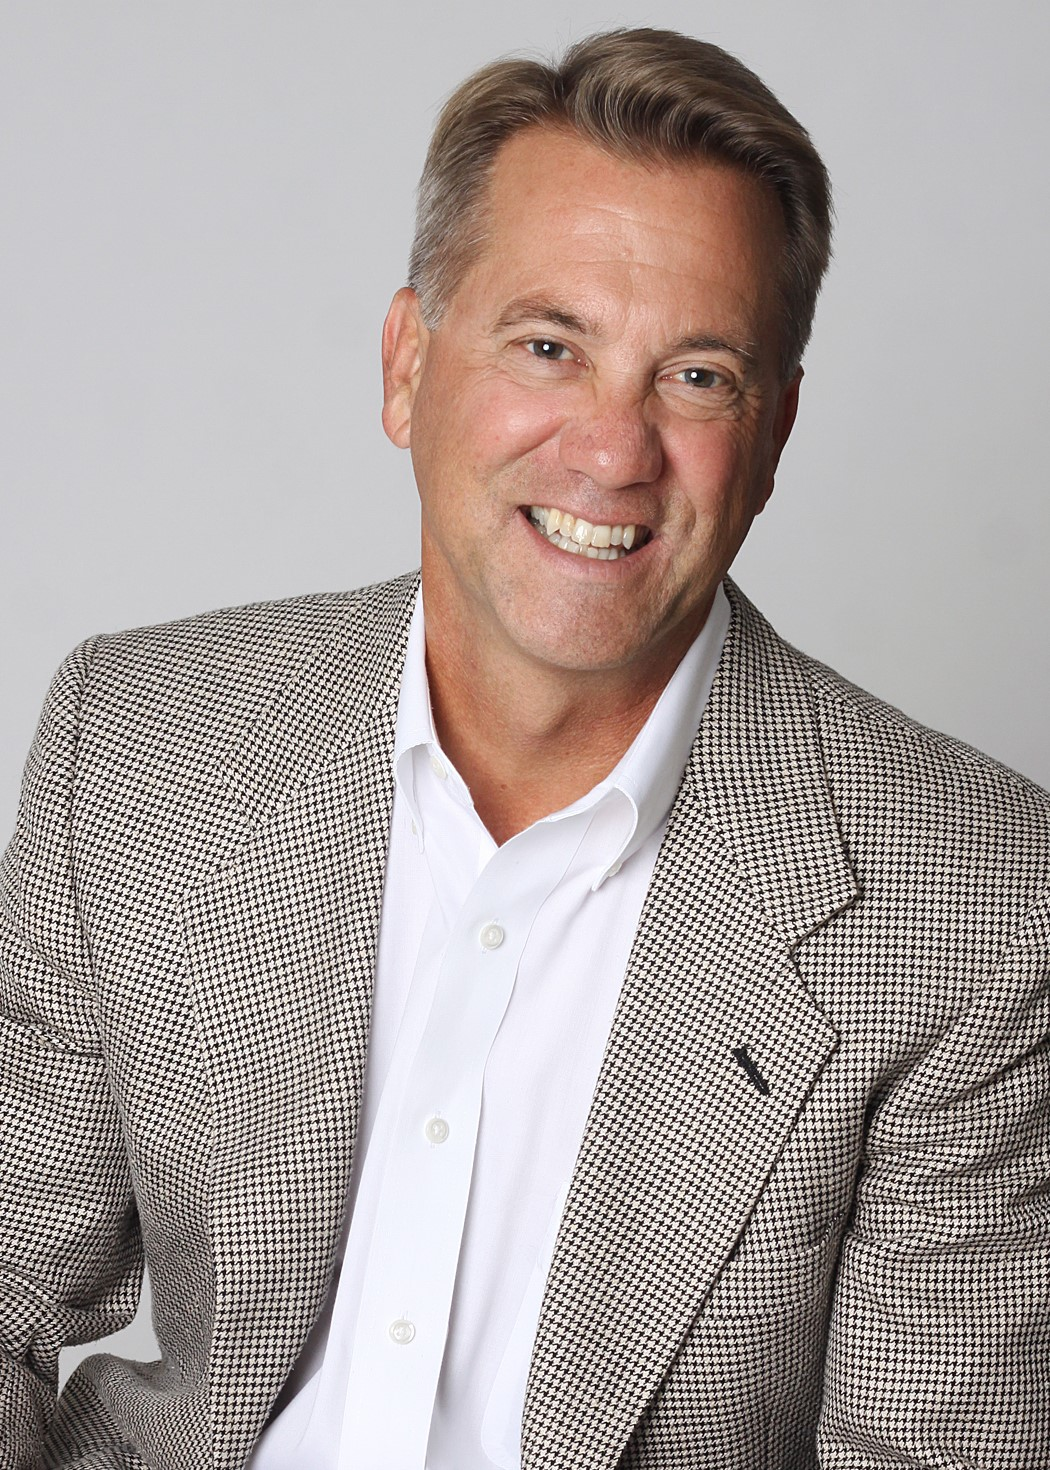 Dave Woolard - Lewis Realty Broker